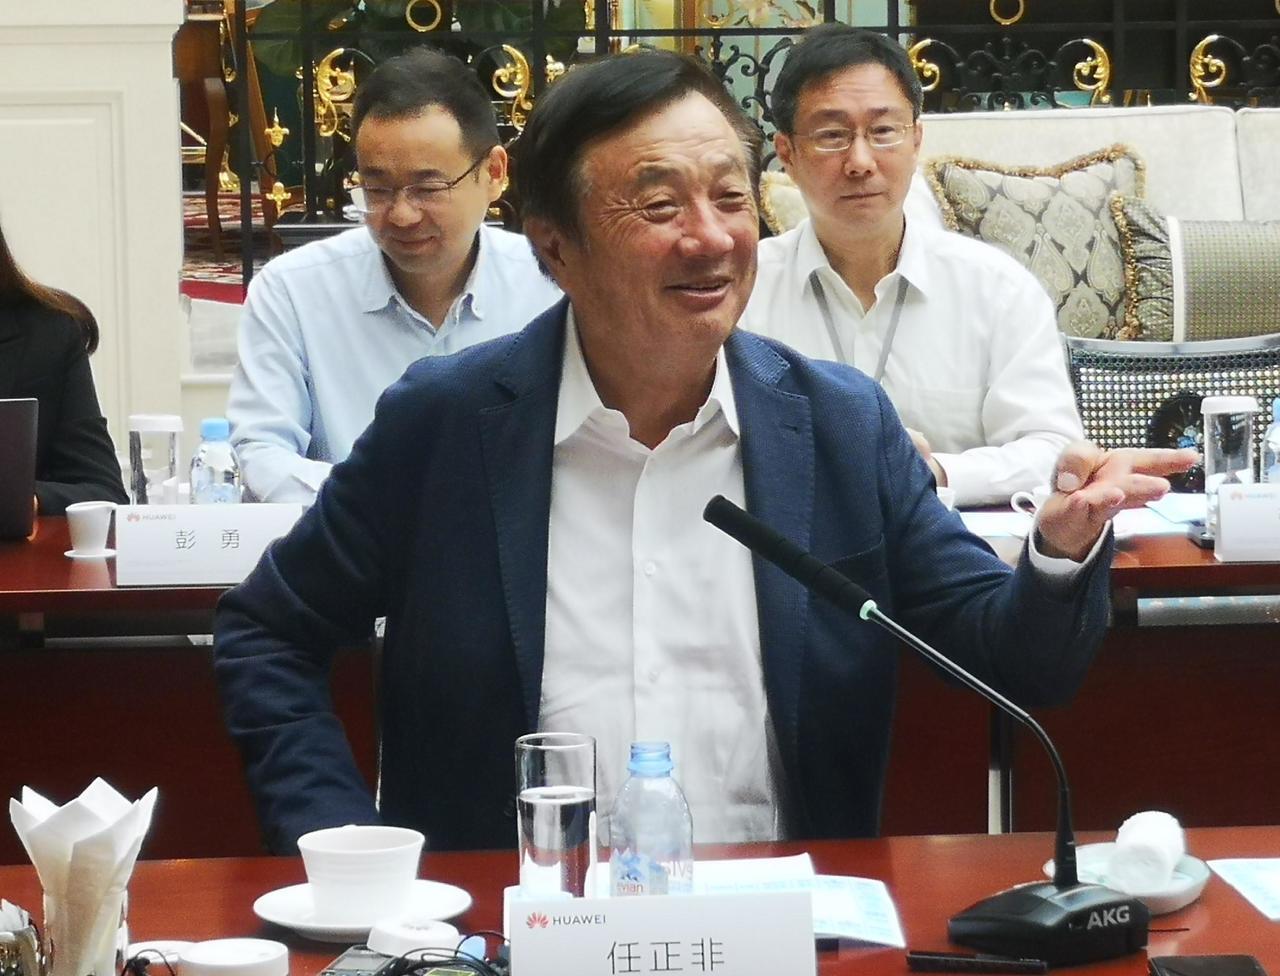 華為公司創始人任正非21日在深圳接受媒體群訪。(新華社)